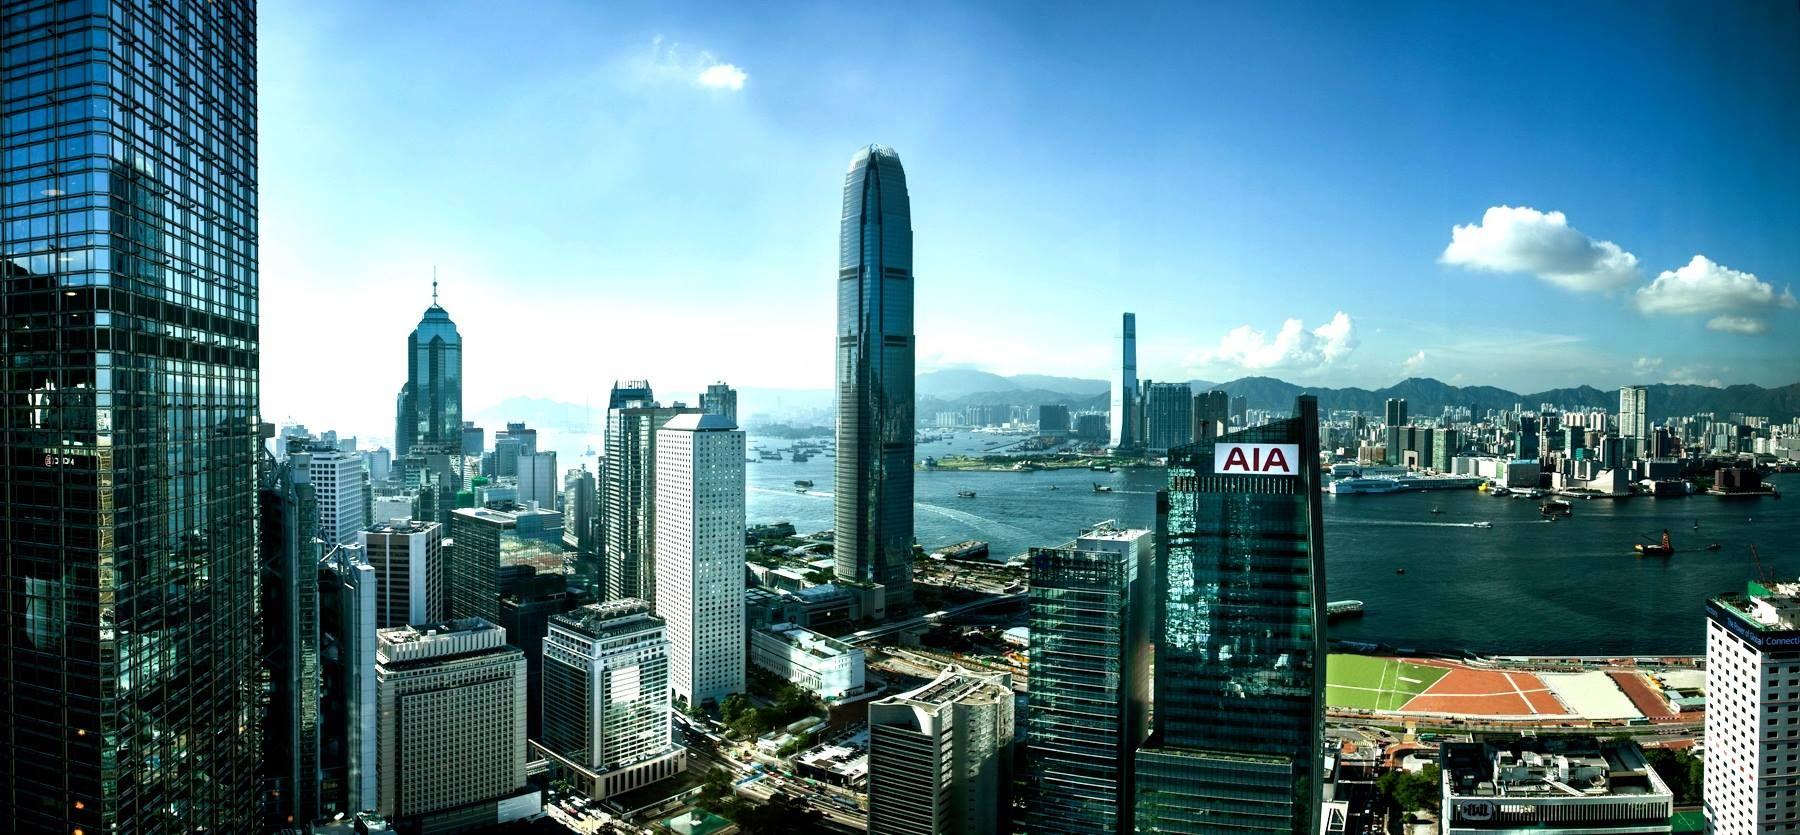 Bank Of China Tower Hong Kong Tourism Board Hong Kong Tourism Board Discover Hong Kong Tourism